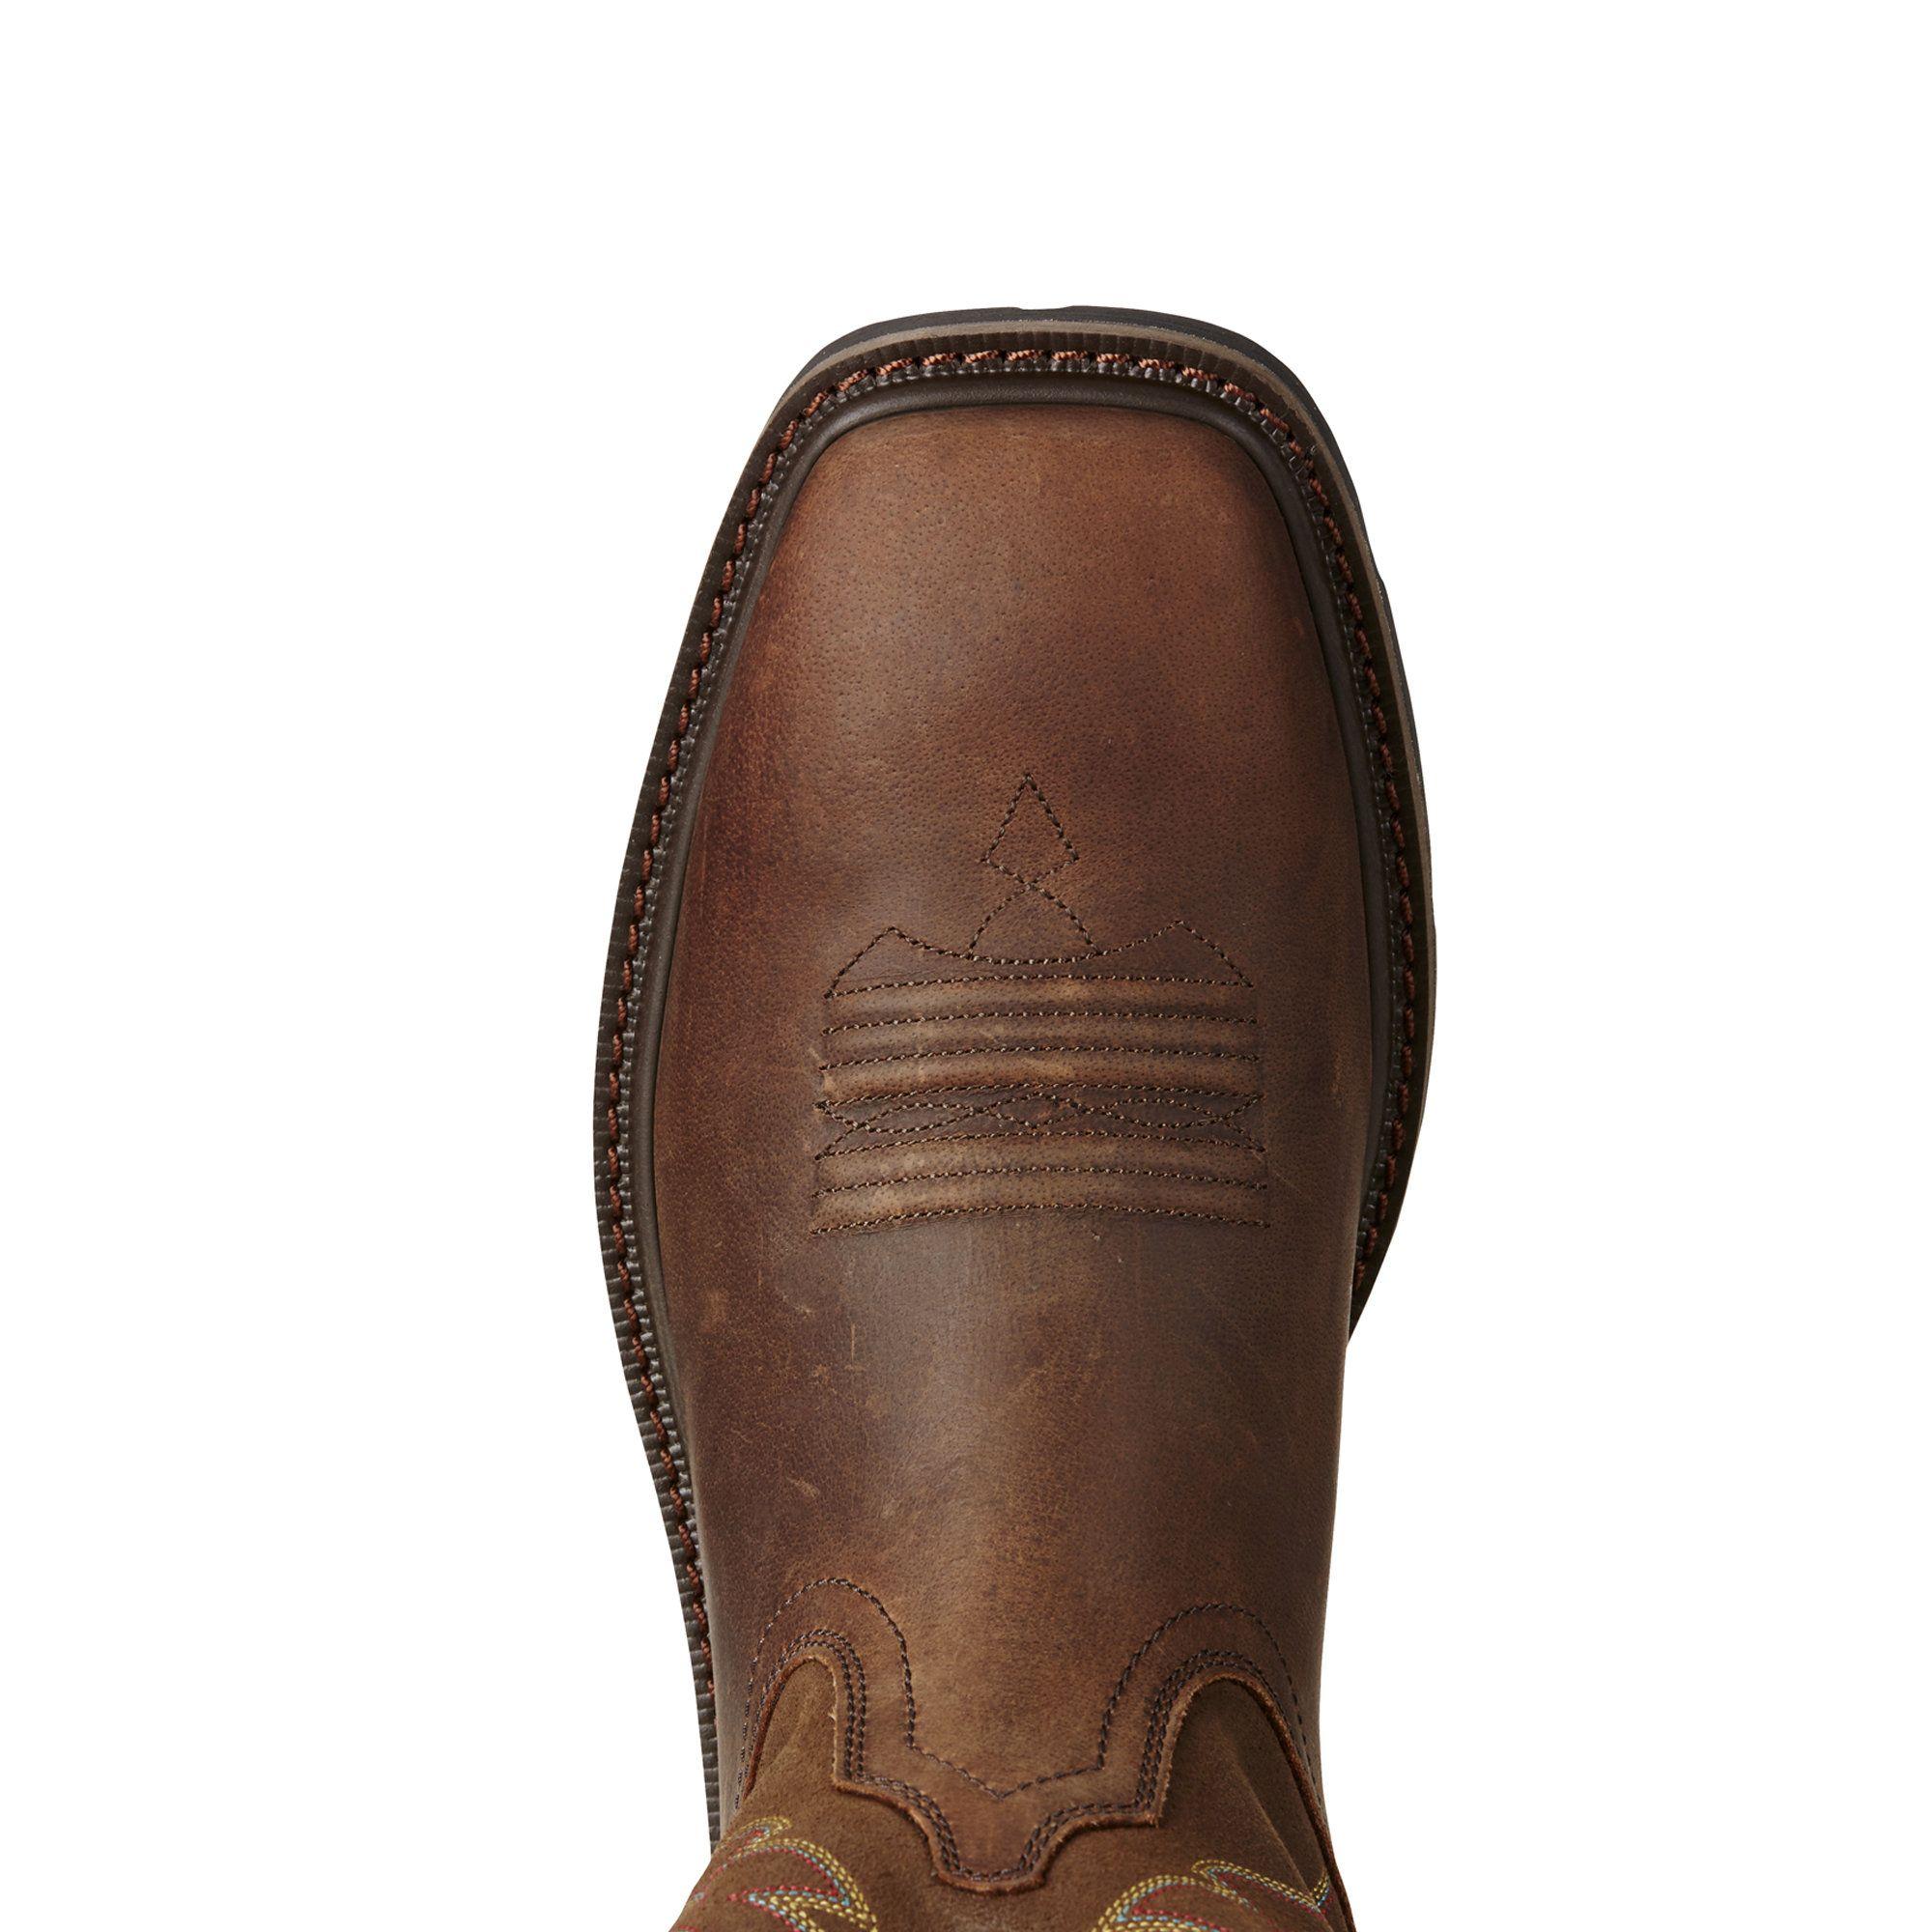 Groundbreaker Work Boot Ariat Mens Boots Boots Steel Toe Work Boots